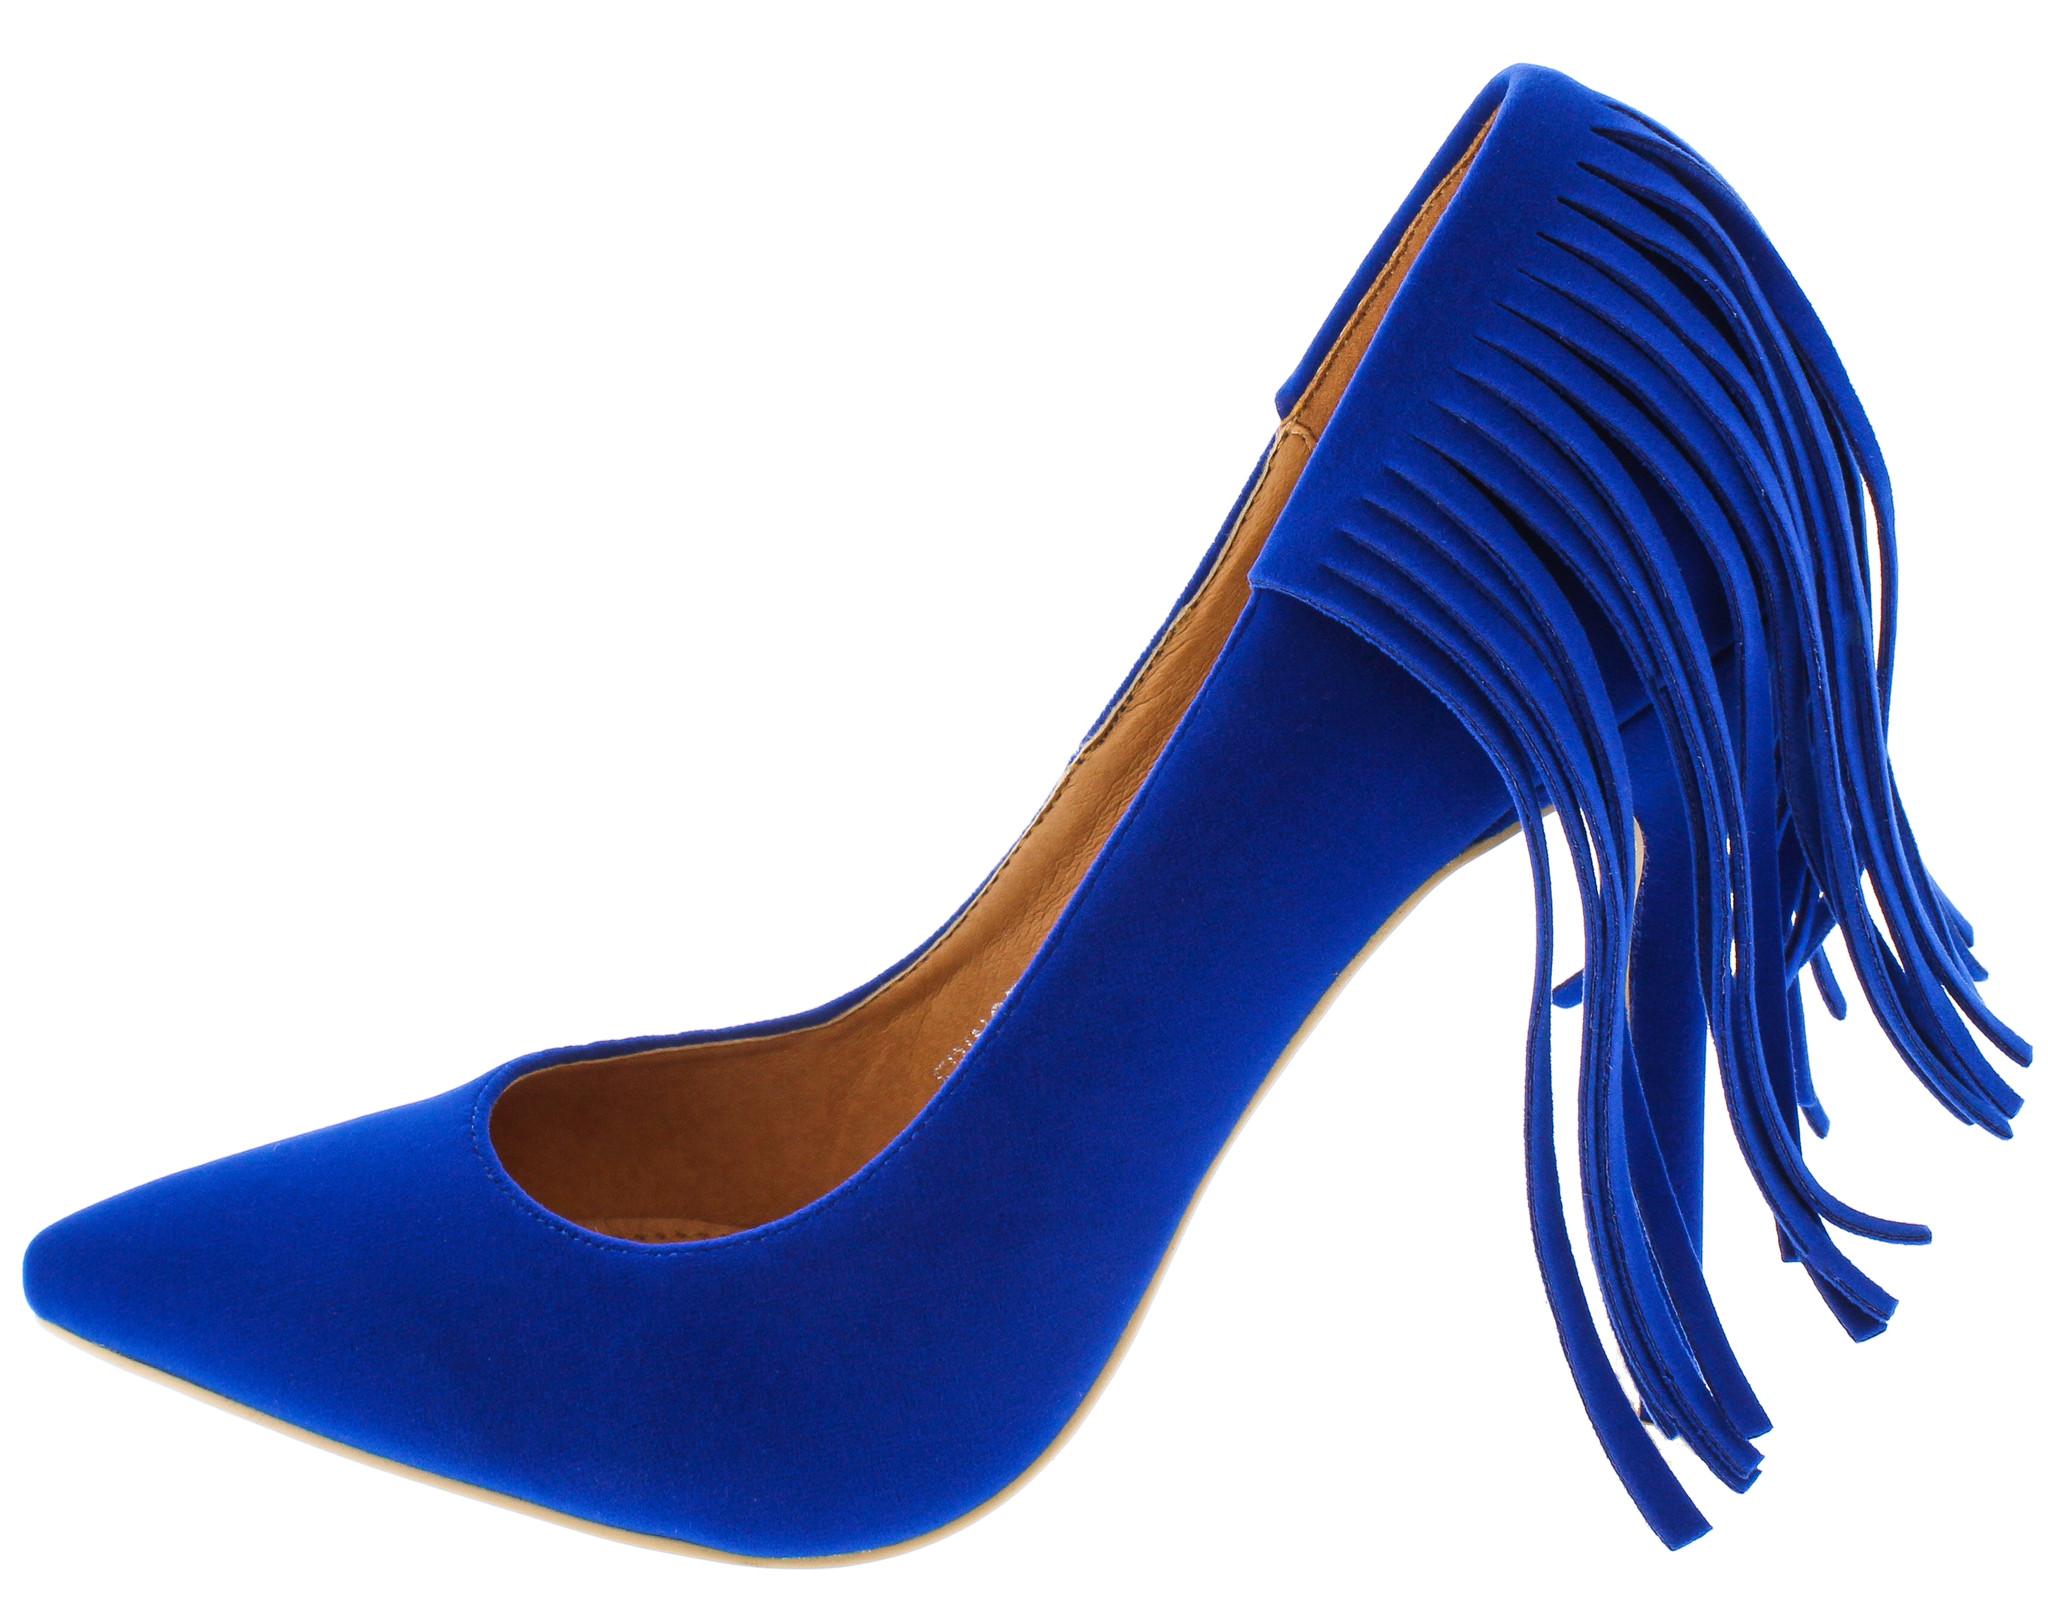 Tacones Mujer Genérica Sabella Azul Tacón Alto Envío Gratis